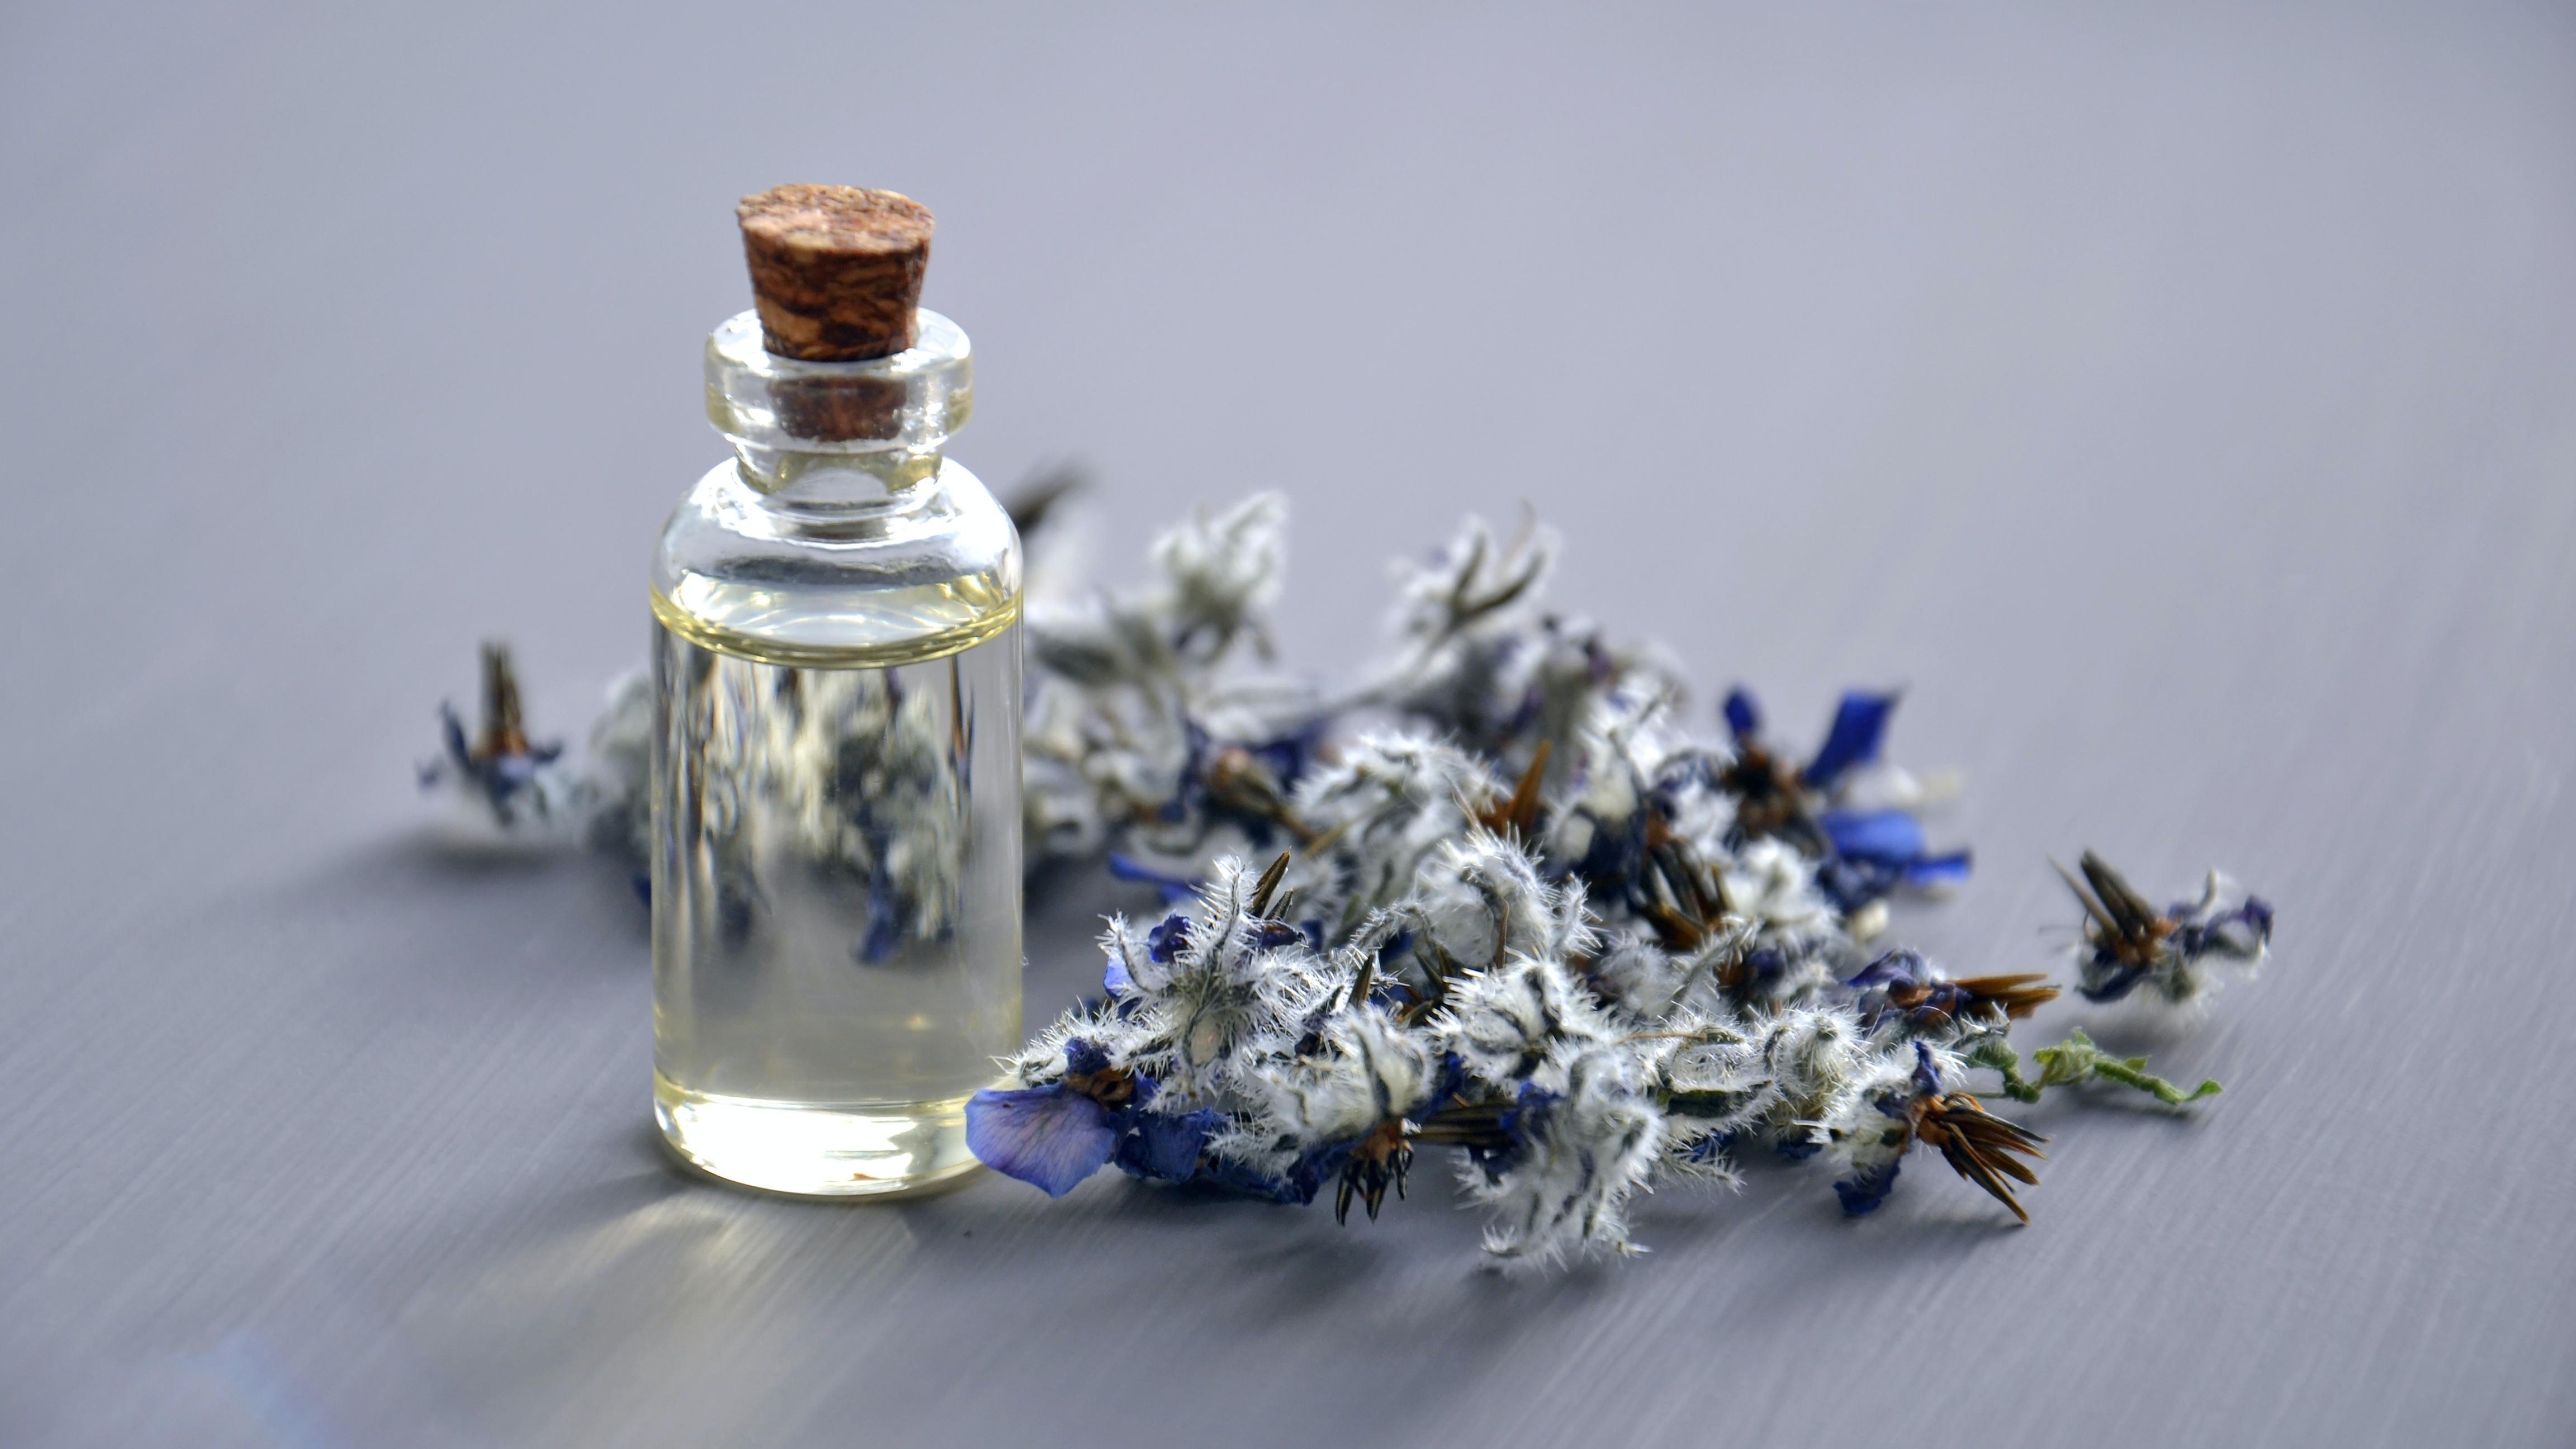 Beruhigendes Lavendel-Bodyspray selber machen: So geht's